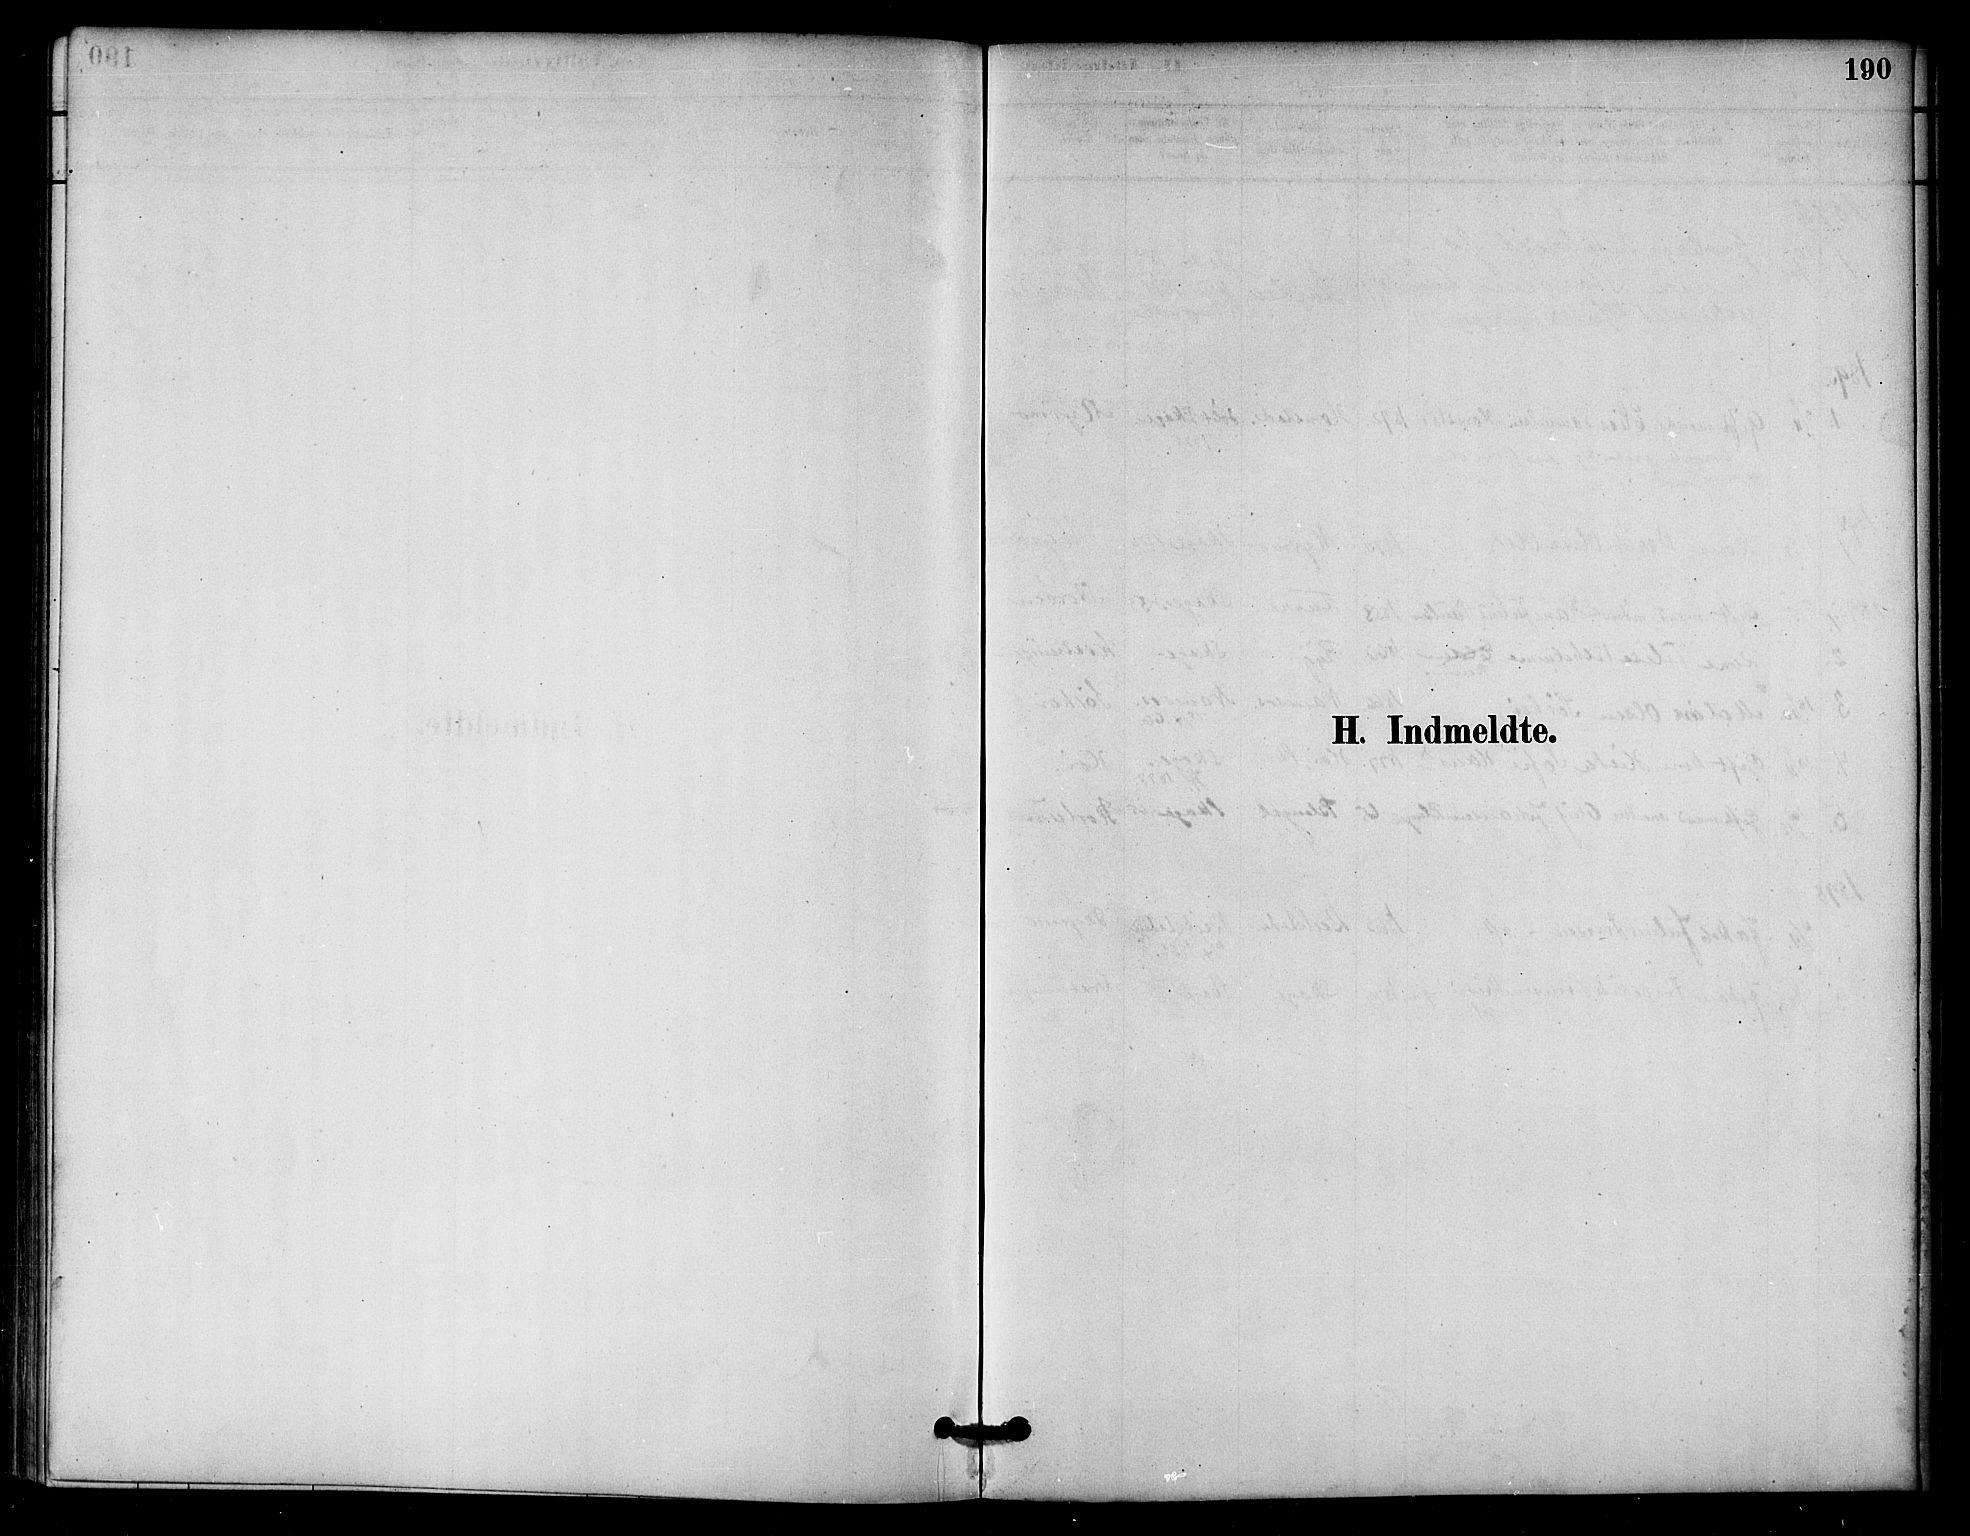 SAT, Ministerialprotokoller, klokkerbøker og fødselsregistre - Nord-Trøndelag, 766/L0563: Ministerialbok nr. 767A01, 1881-1899, s. 190